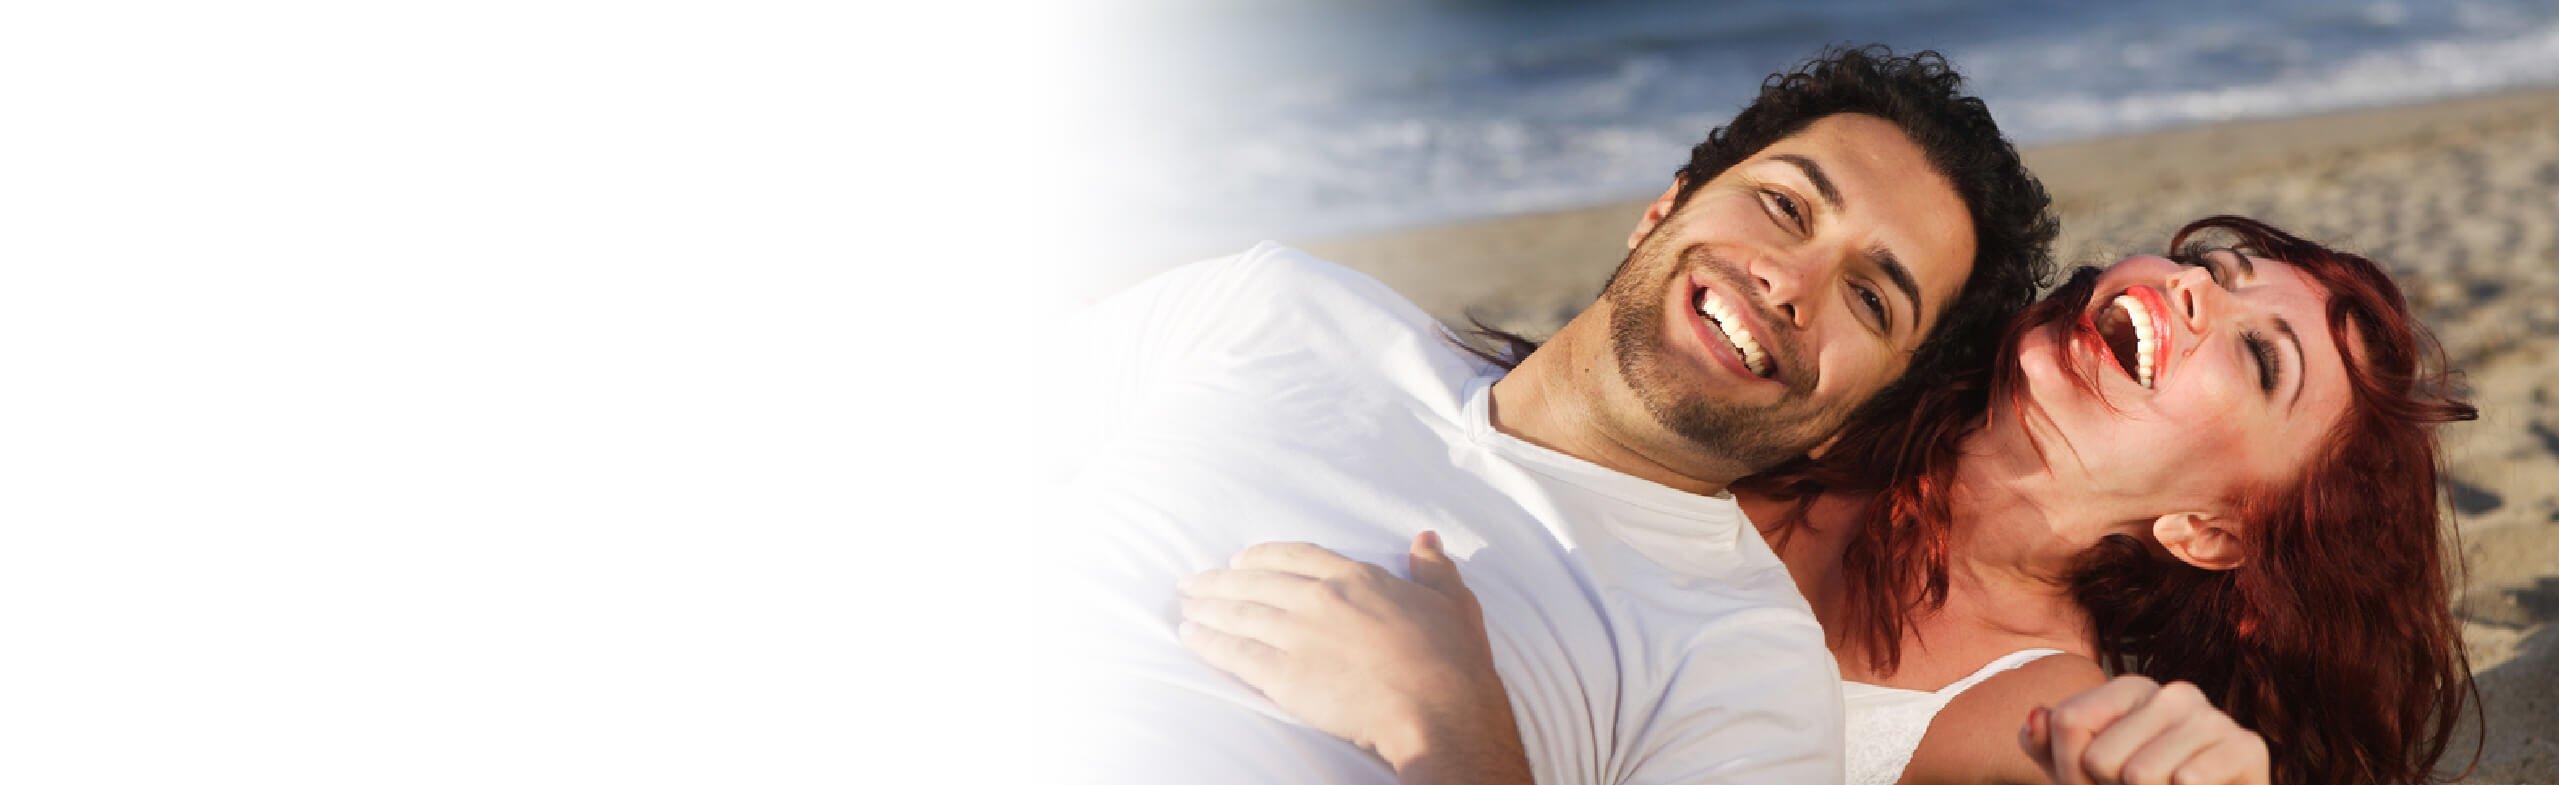 Implanty dopasowane do Ciebie / Dental implants tailored for You